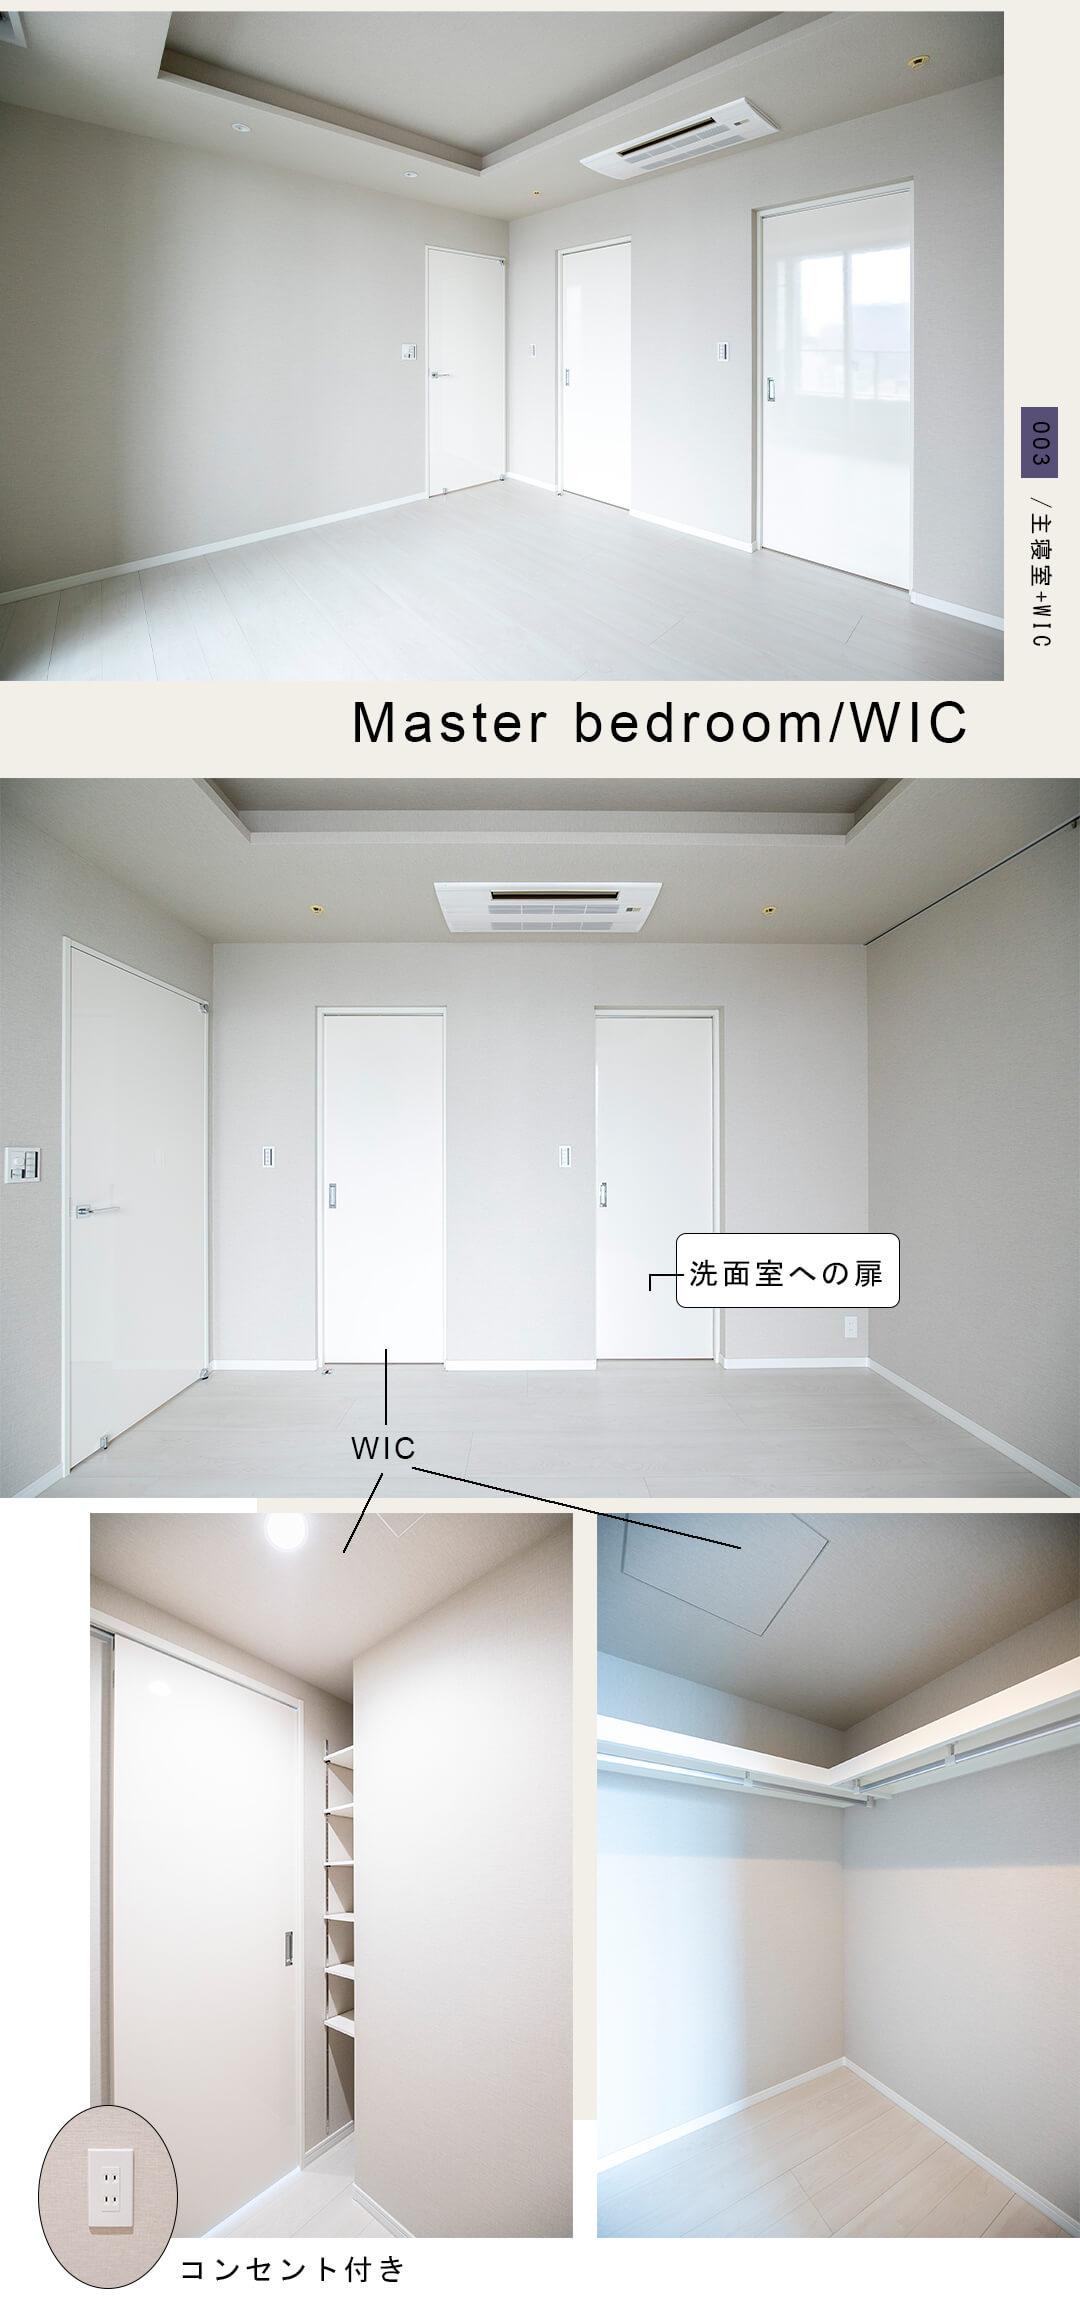 003主寝室,WIC,Masterbedroom,